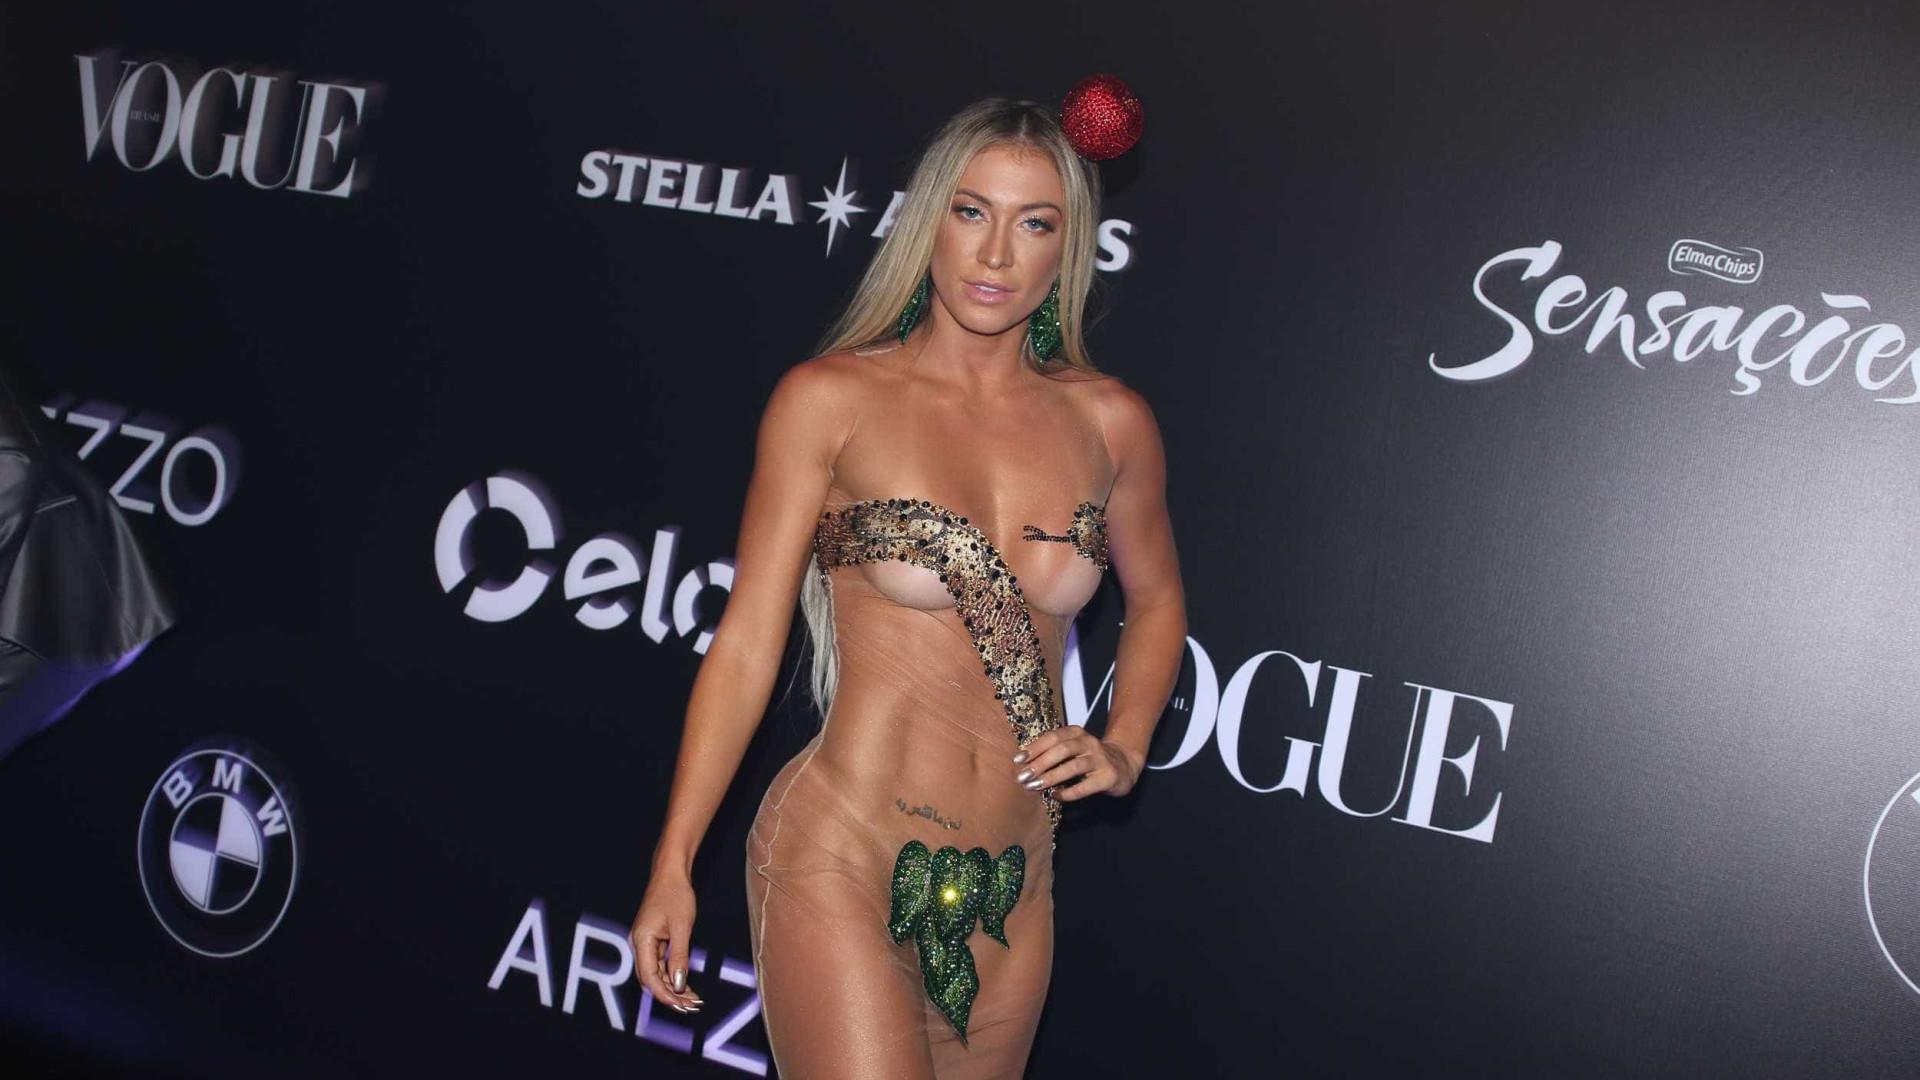 Noiva de Latino se veste de Eva em festa da Vogue sobre o Brasil